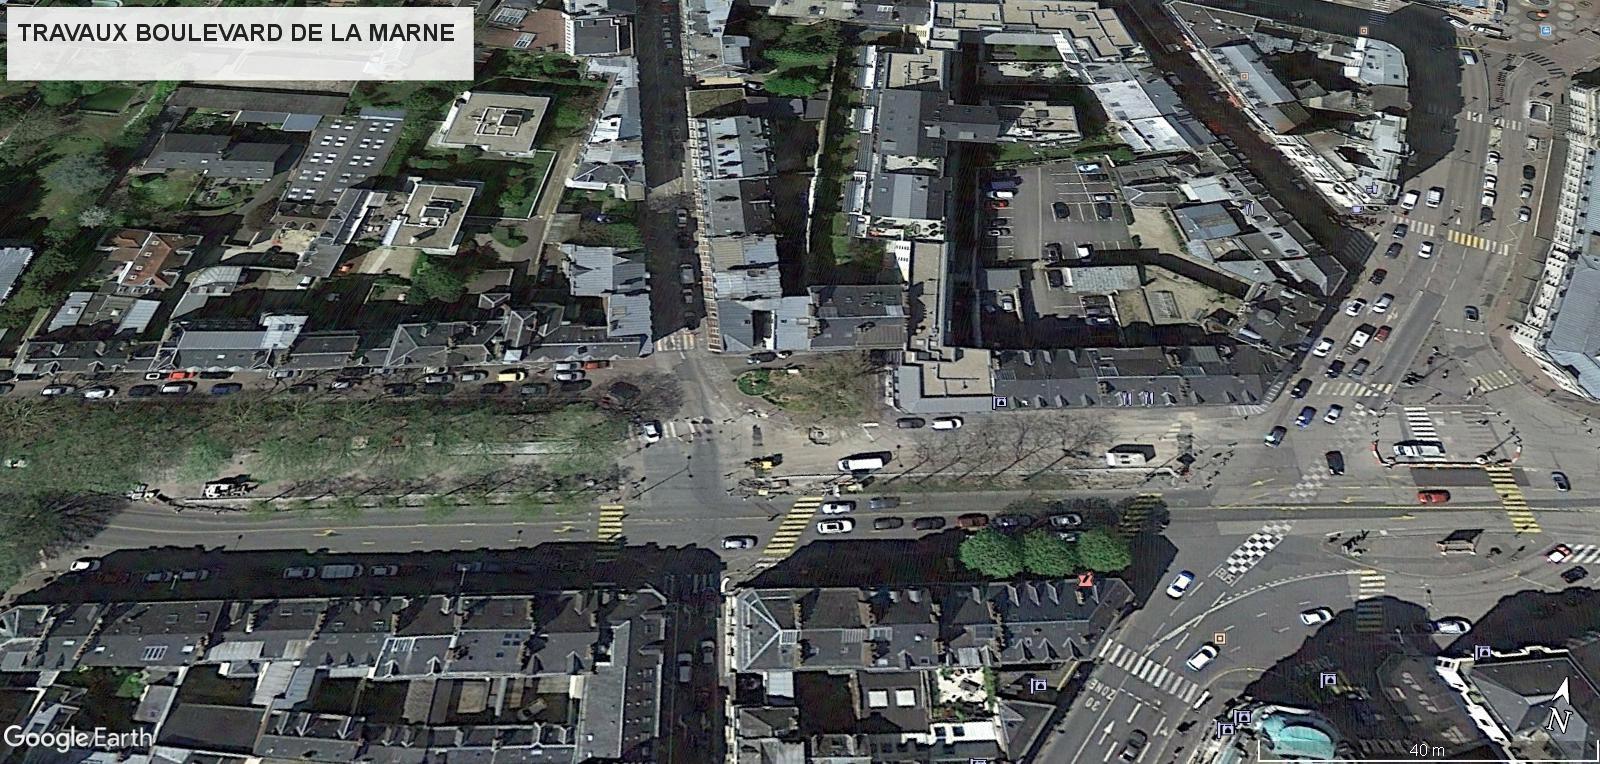 [Bientôt visible sur Google Earth] - Rouen - Démolitions Boulevard d'Orléans et Ligne de tramway T4 Marne10